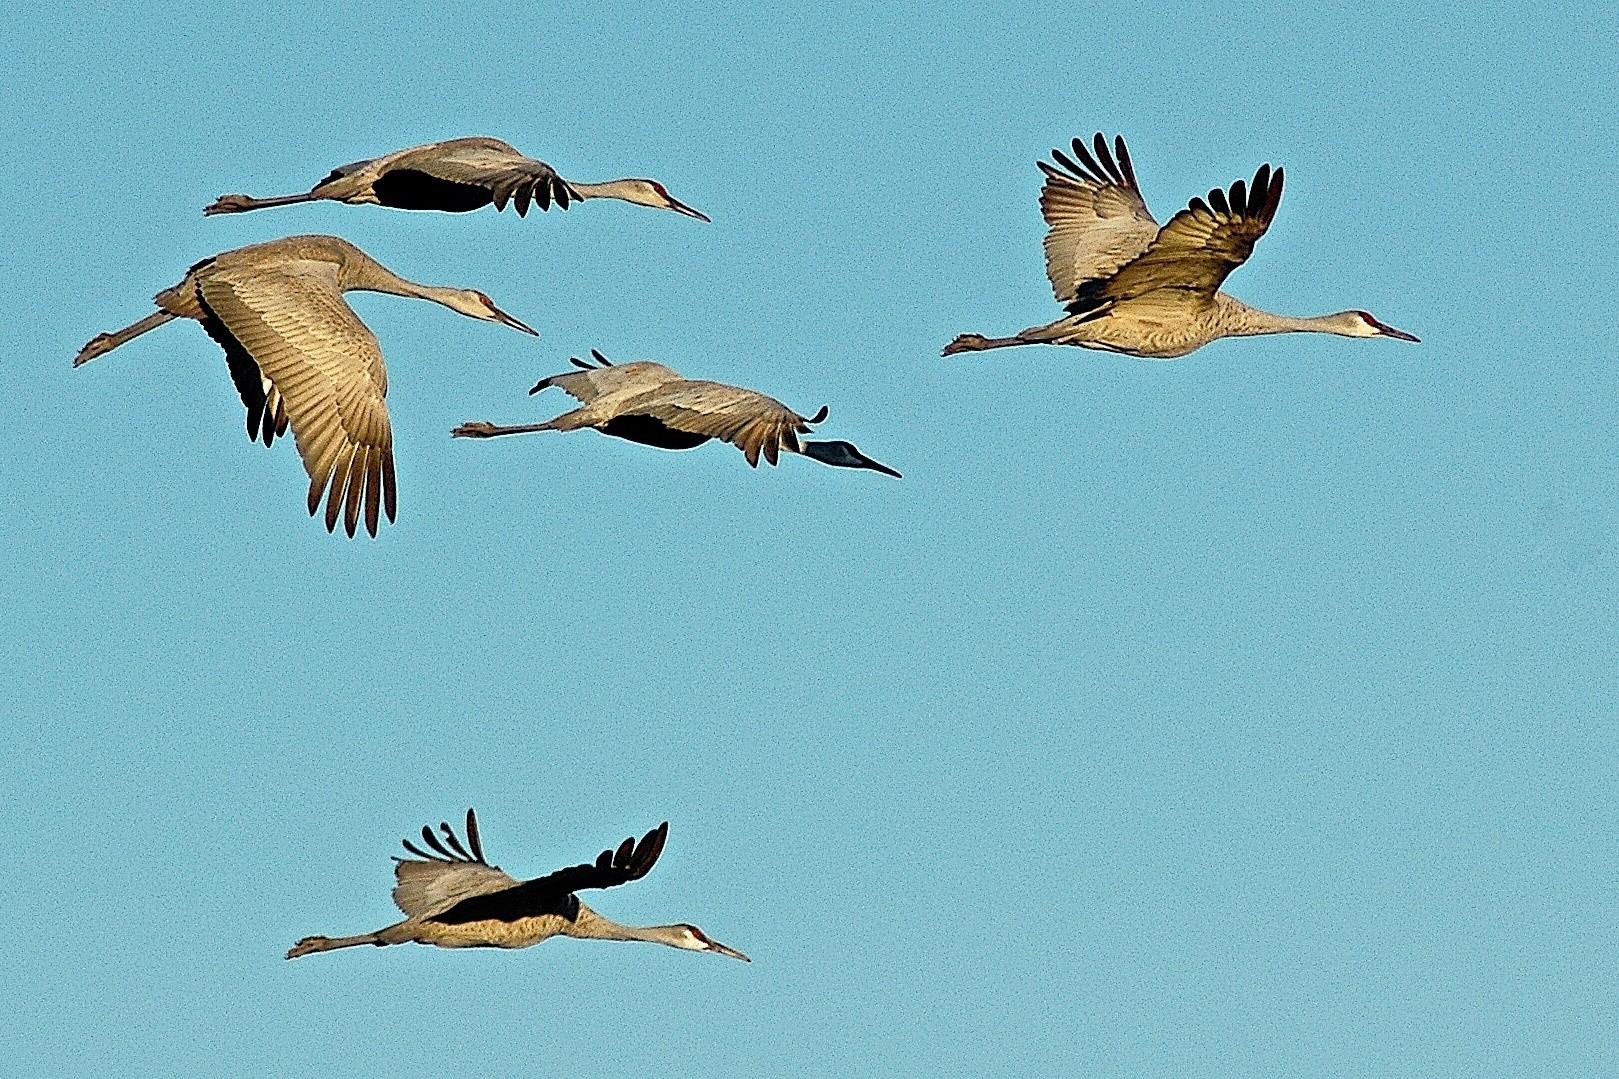 Sandhill Cranes, Bosque del Apache NWR © Dave Foreman